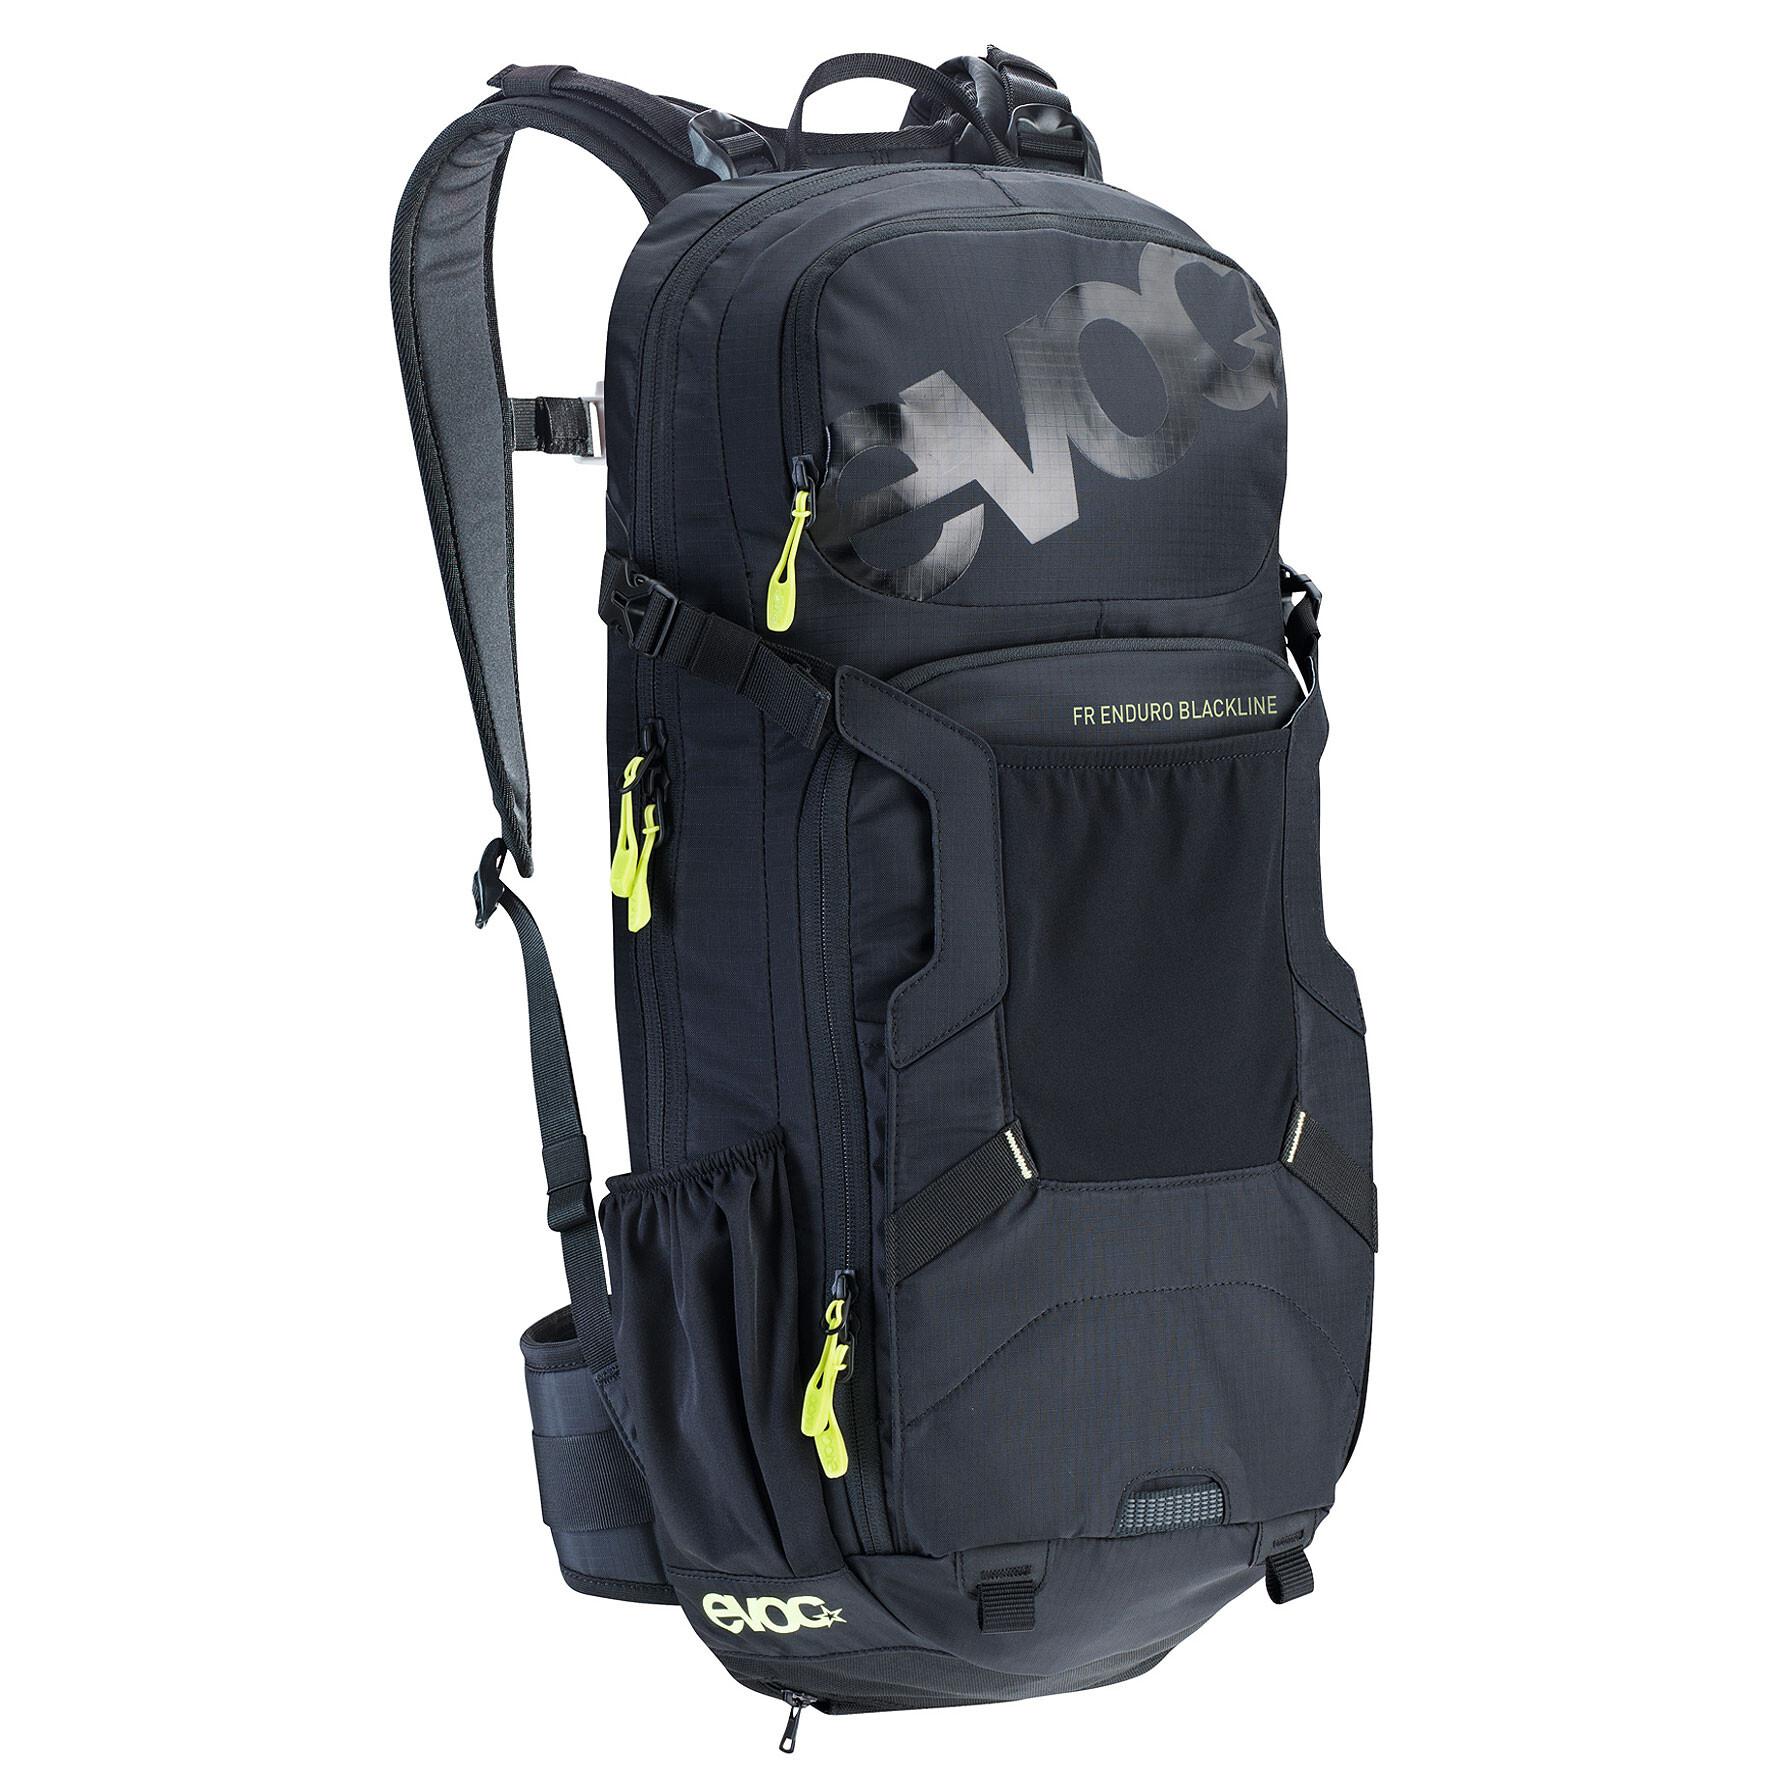 EVOC FR Enduro Blackline Protector 16L Backpack Black XL